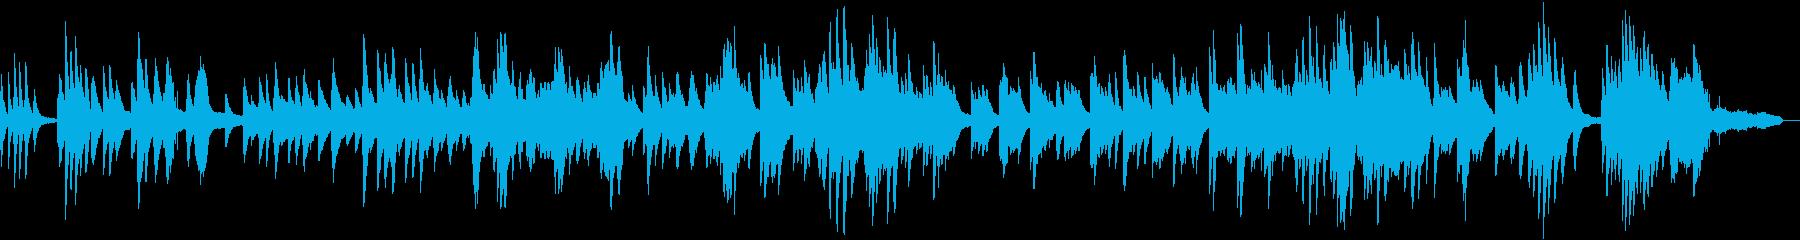 ほのぼのとした感動的なピアノバラードの再生済みの波形